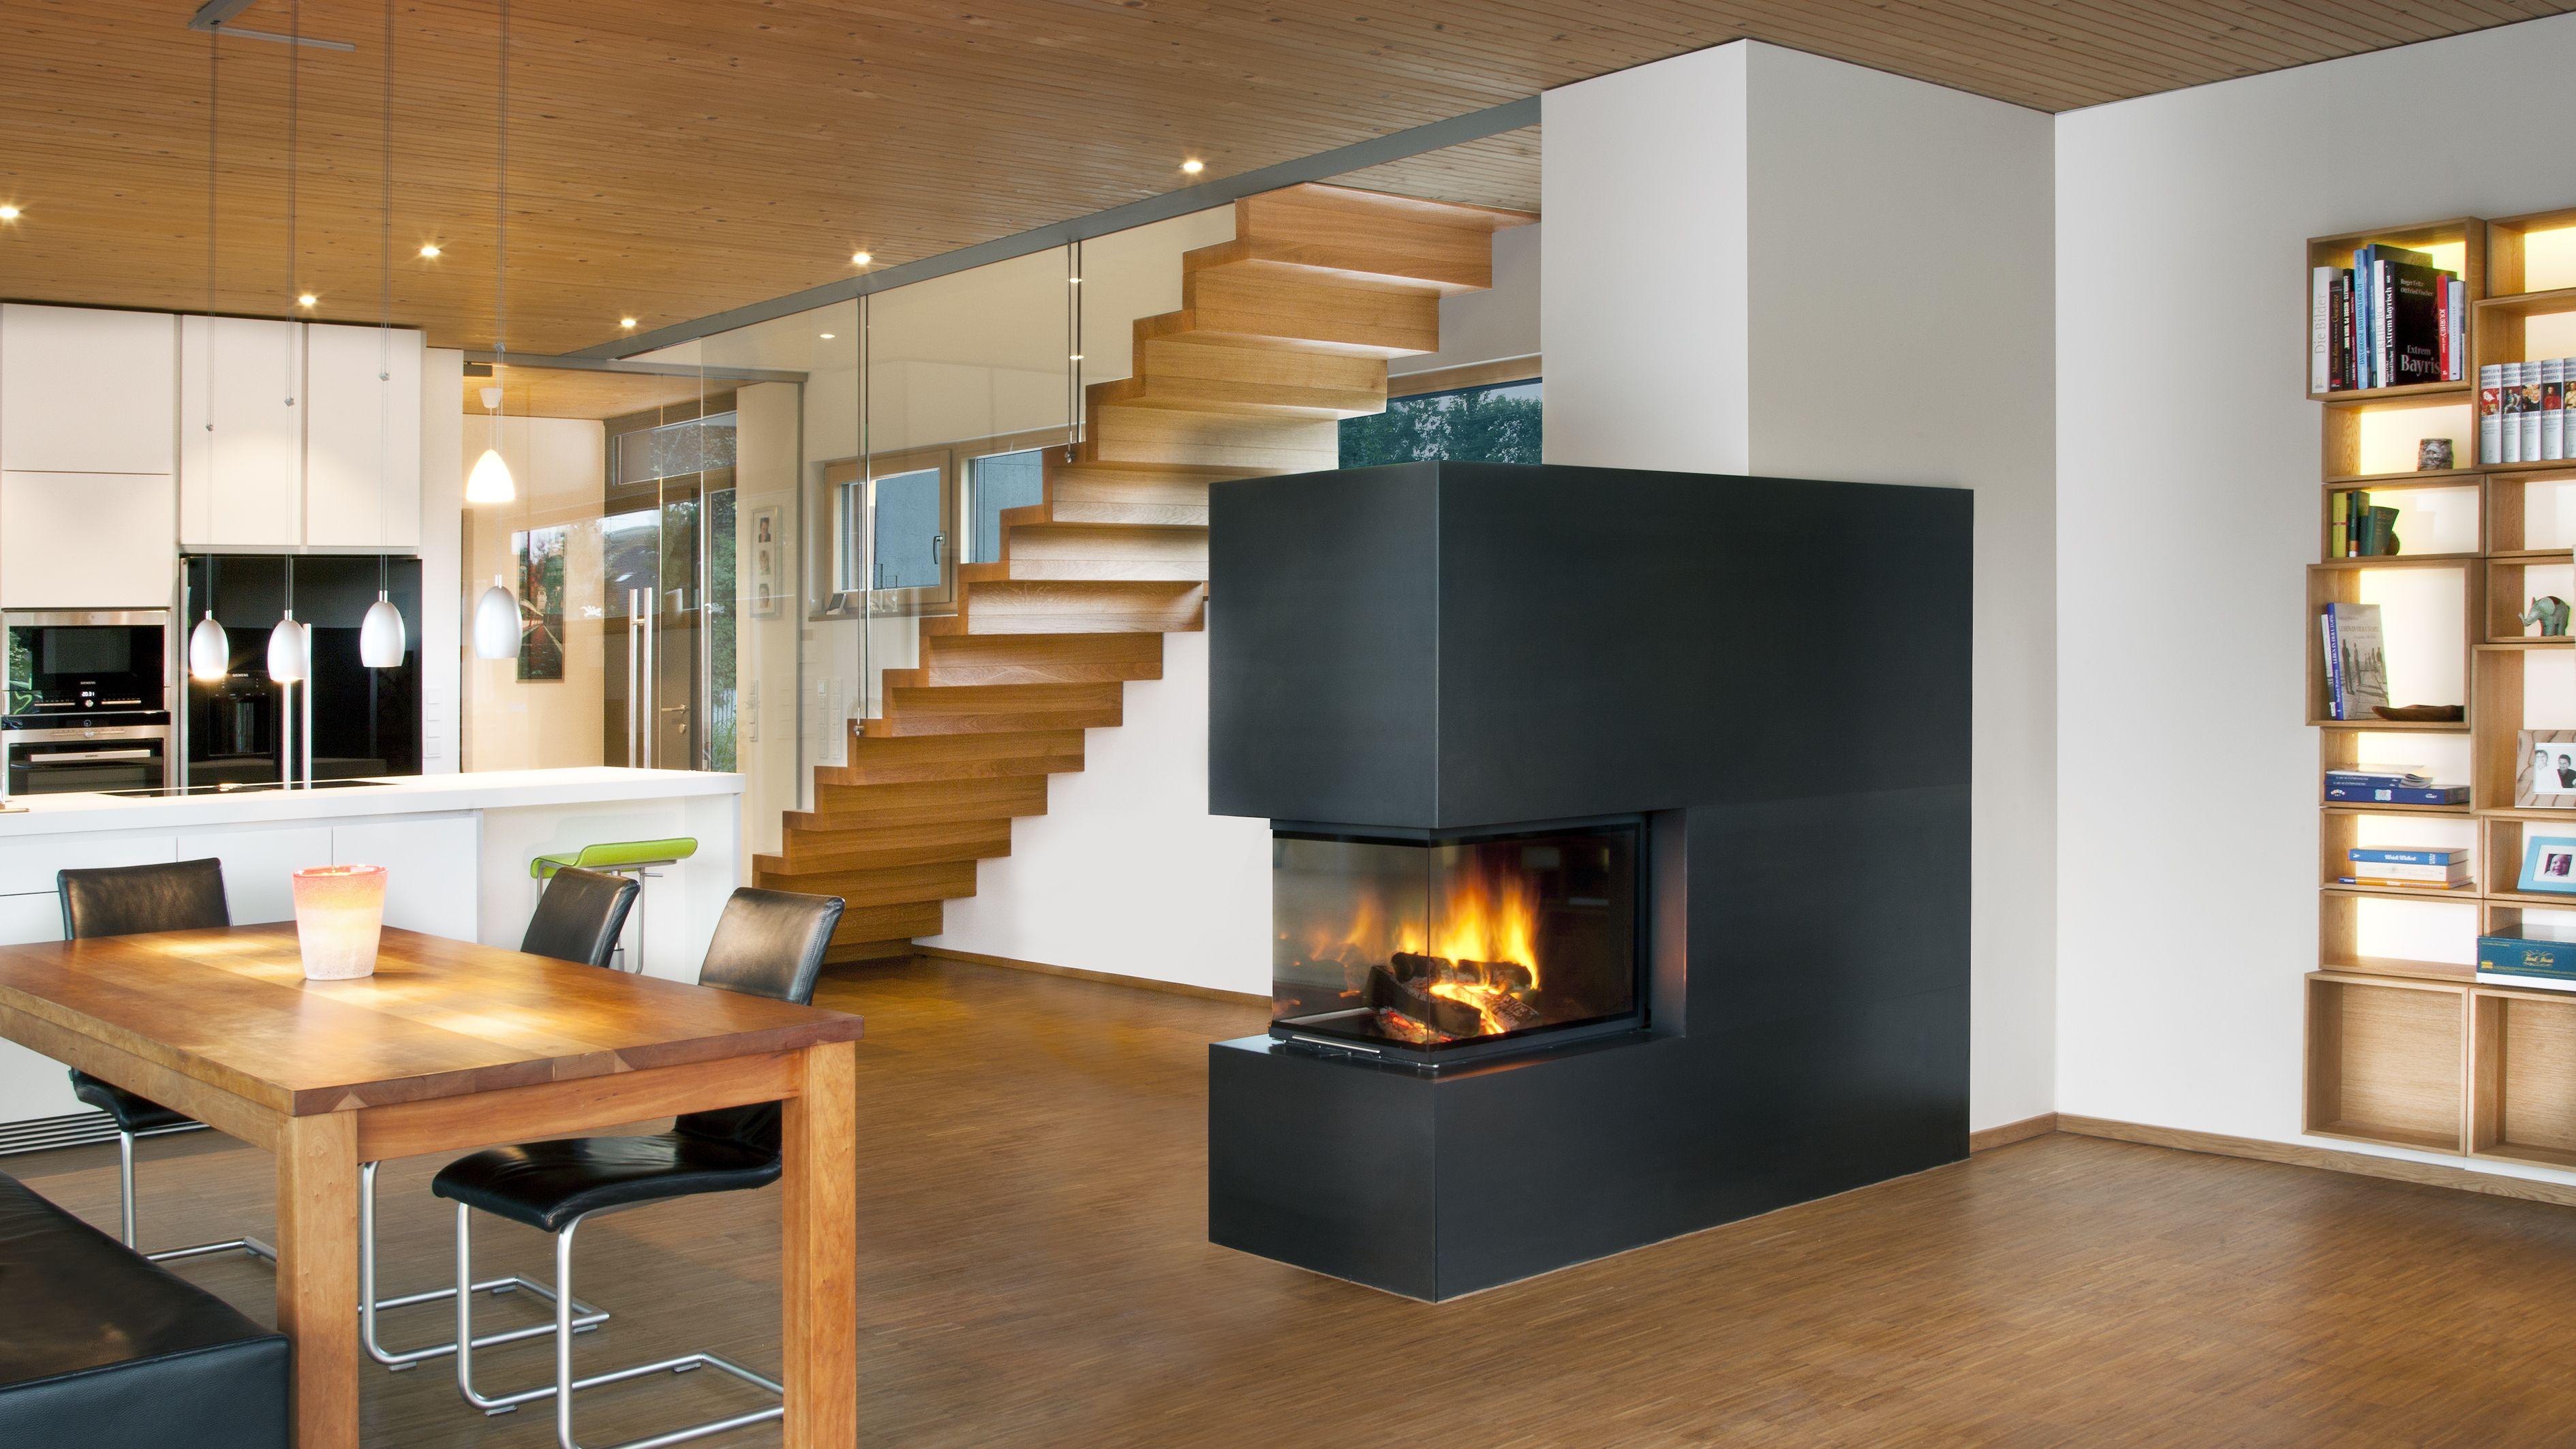 Panoramakamin dreiseitig mit verkleidung aus ge ltem rohstahl moderne kamine aus stahl beton - Offene feuerstelle wohnzimmer ...